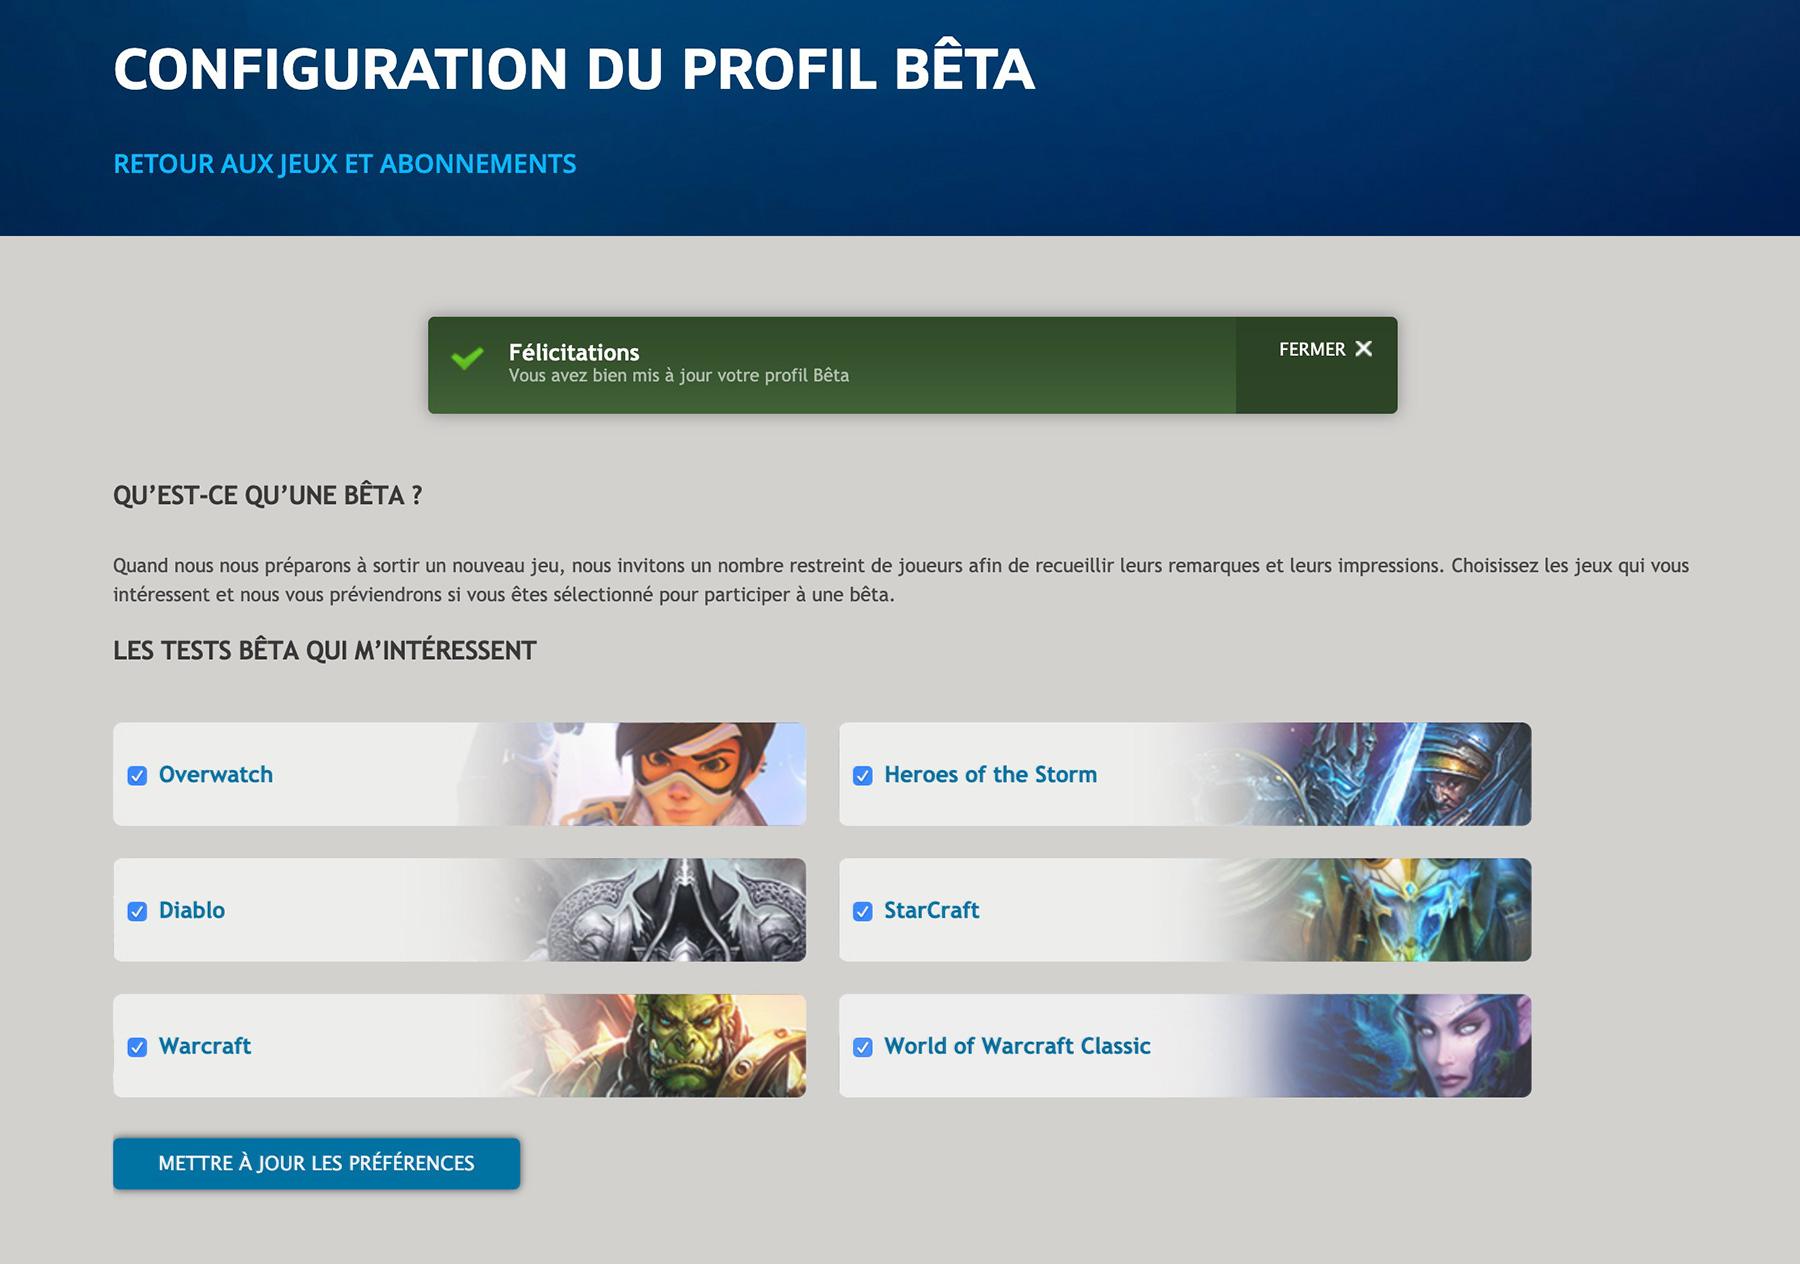 Sélectionnez World of Warcraft Classic